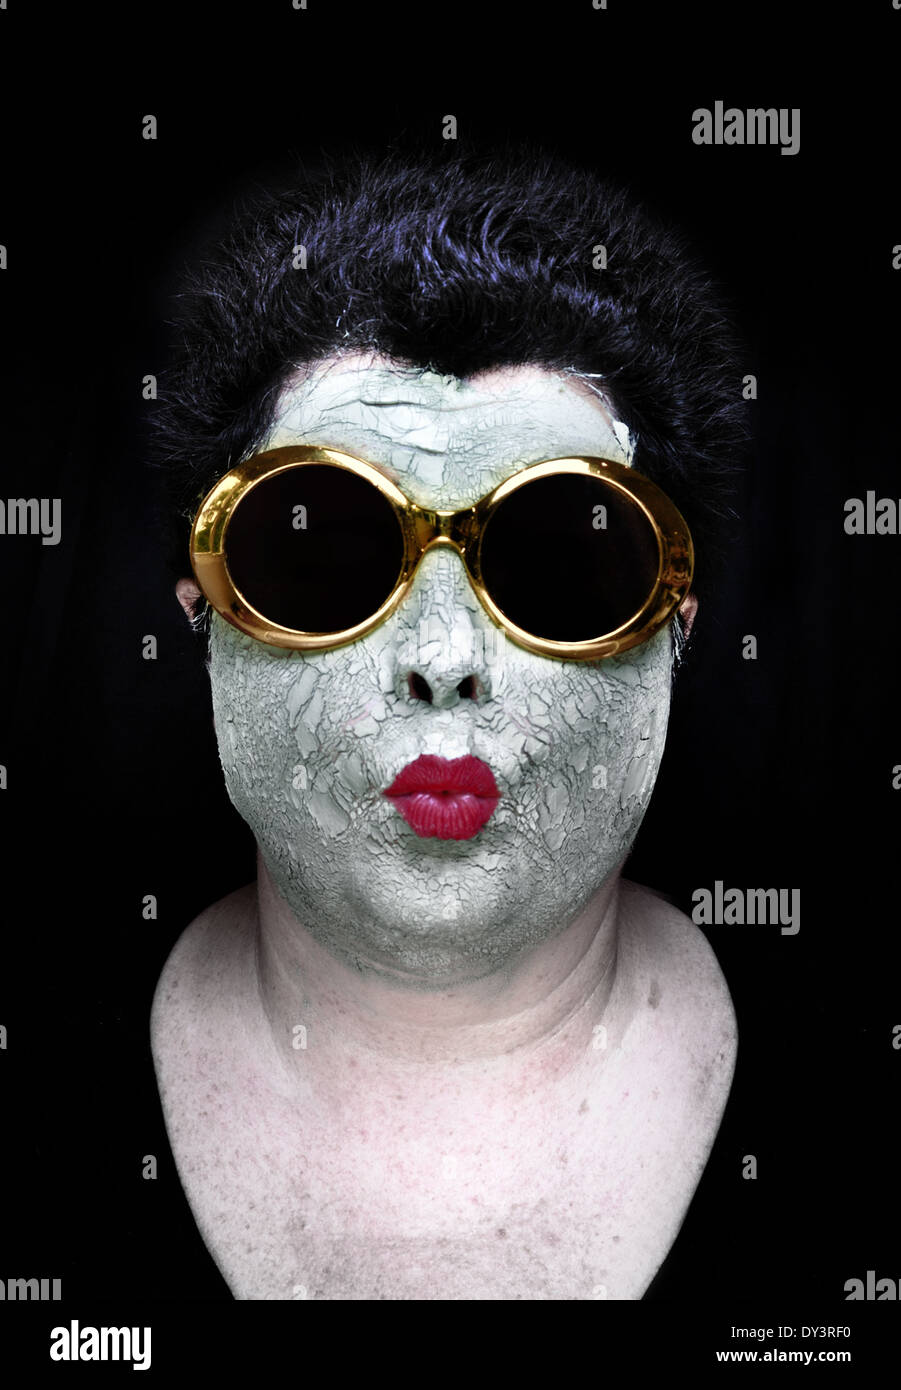 Eine Frau trägt einen grünen Schlamm-Maske, Falten roten Lippenstift und skurrilen gold Sonnenbrille Lippen Stockfoto